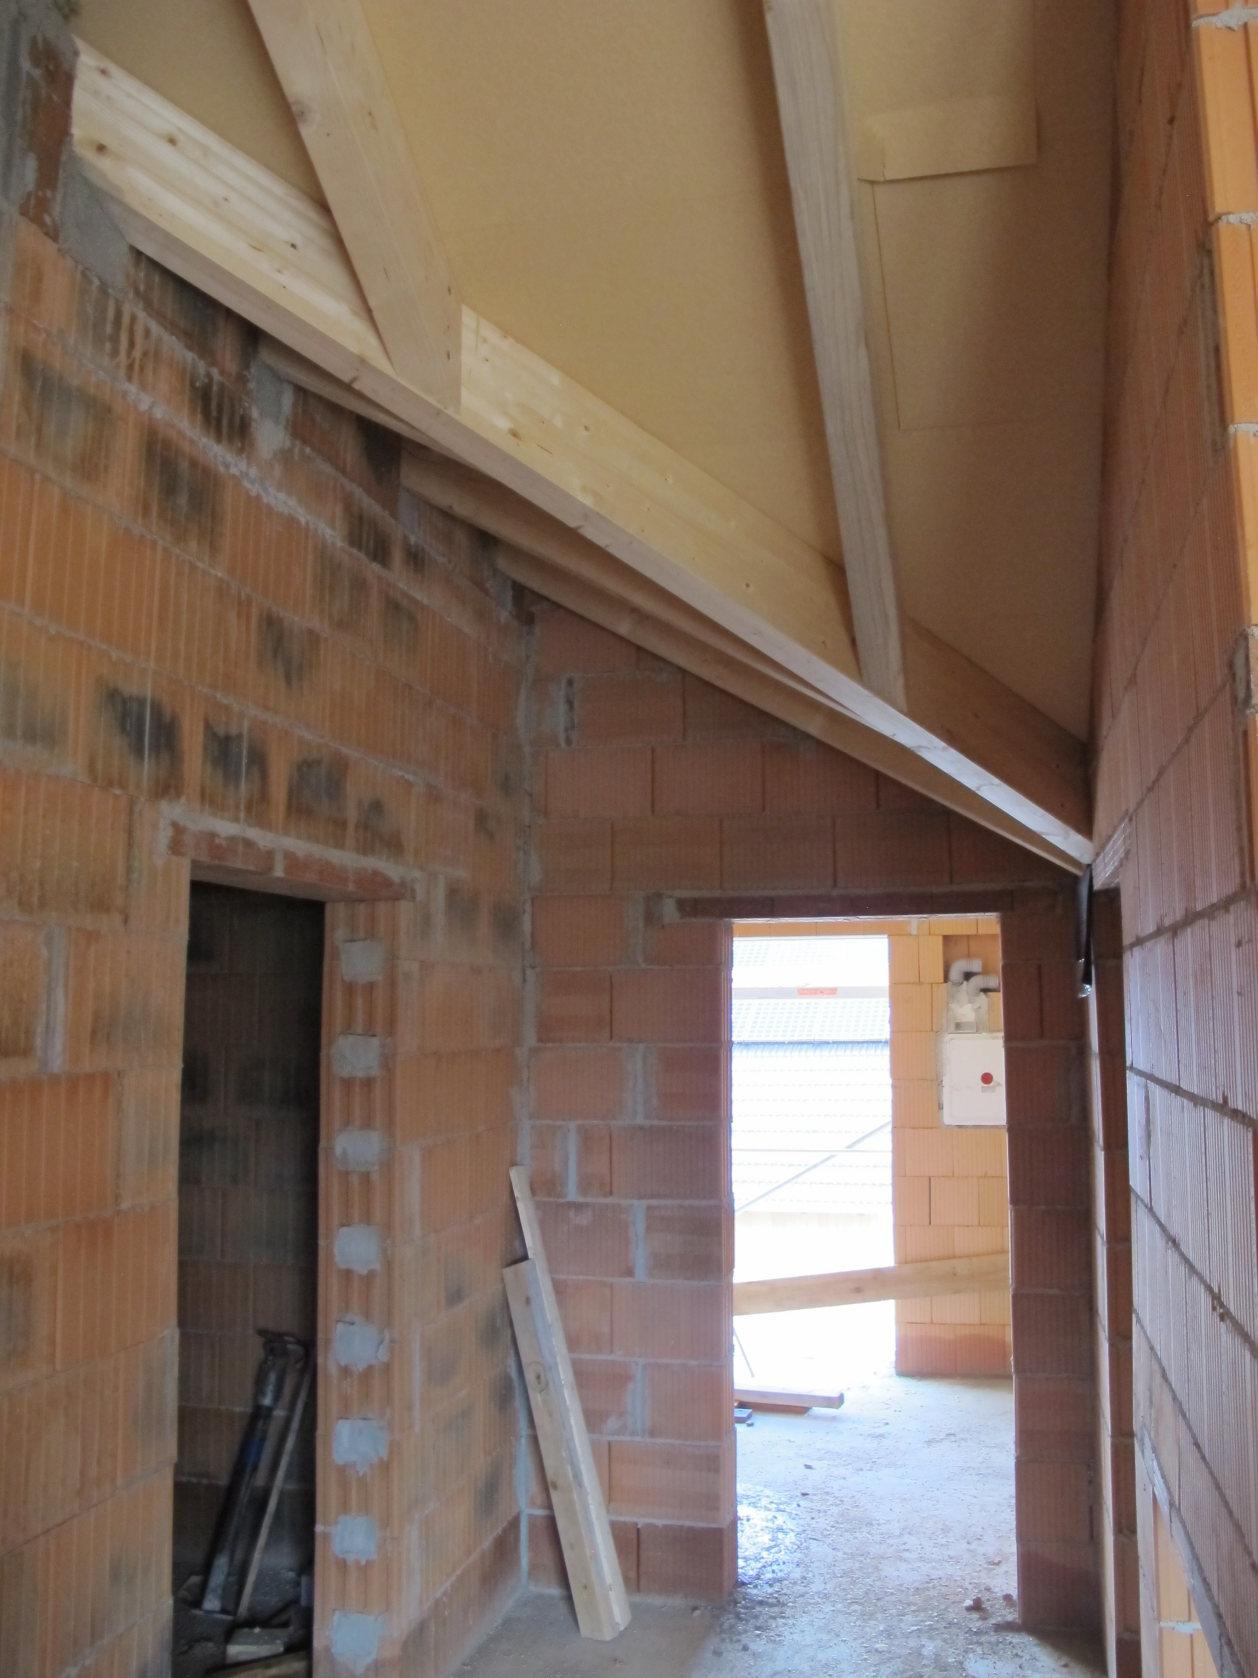 Nichtsicht-Dachstuhl15.jpg